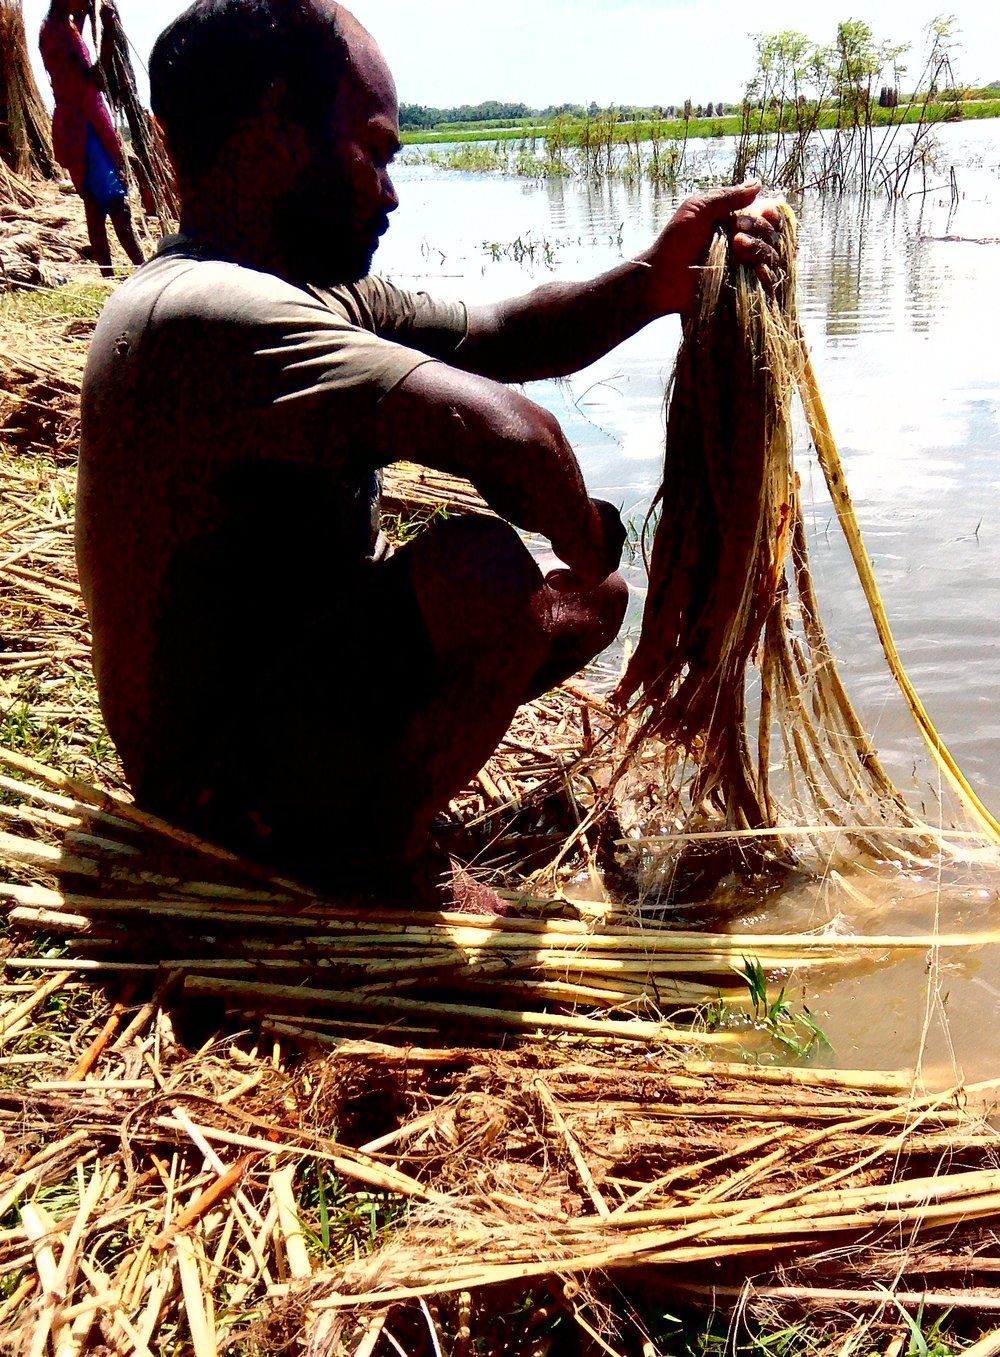 A farmer harvests jute in a village. Credit: Zaheeb Ajmal